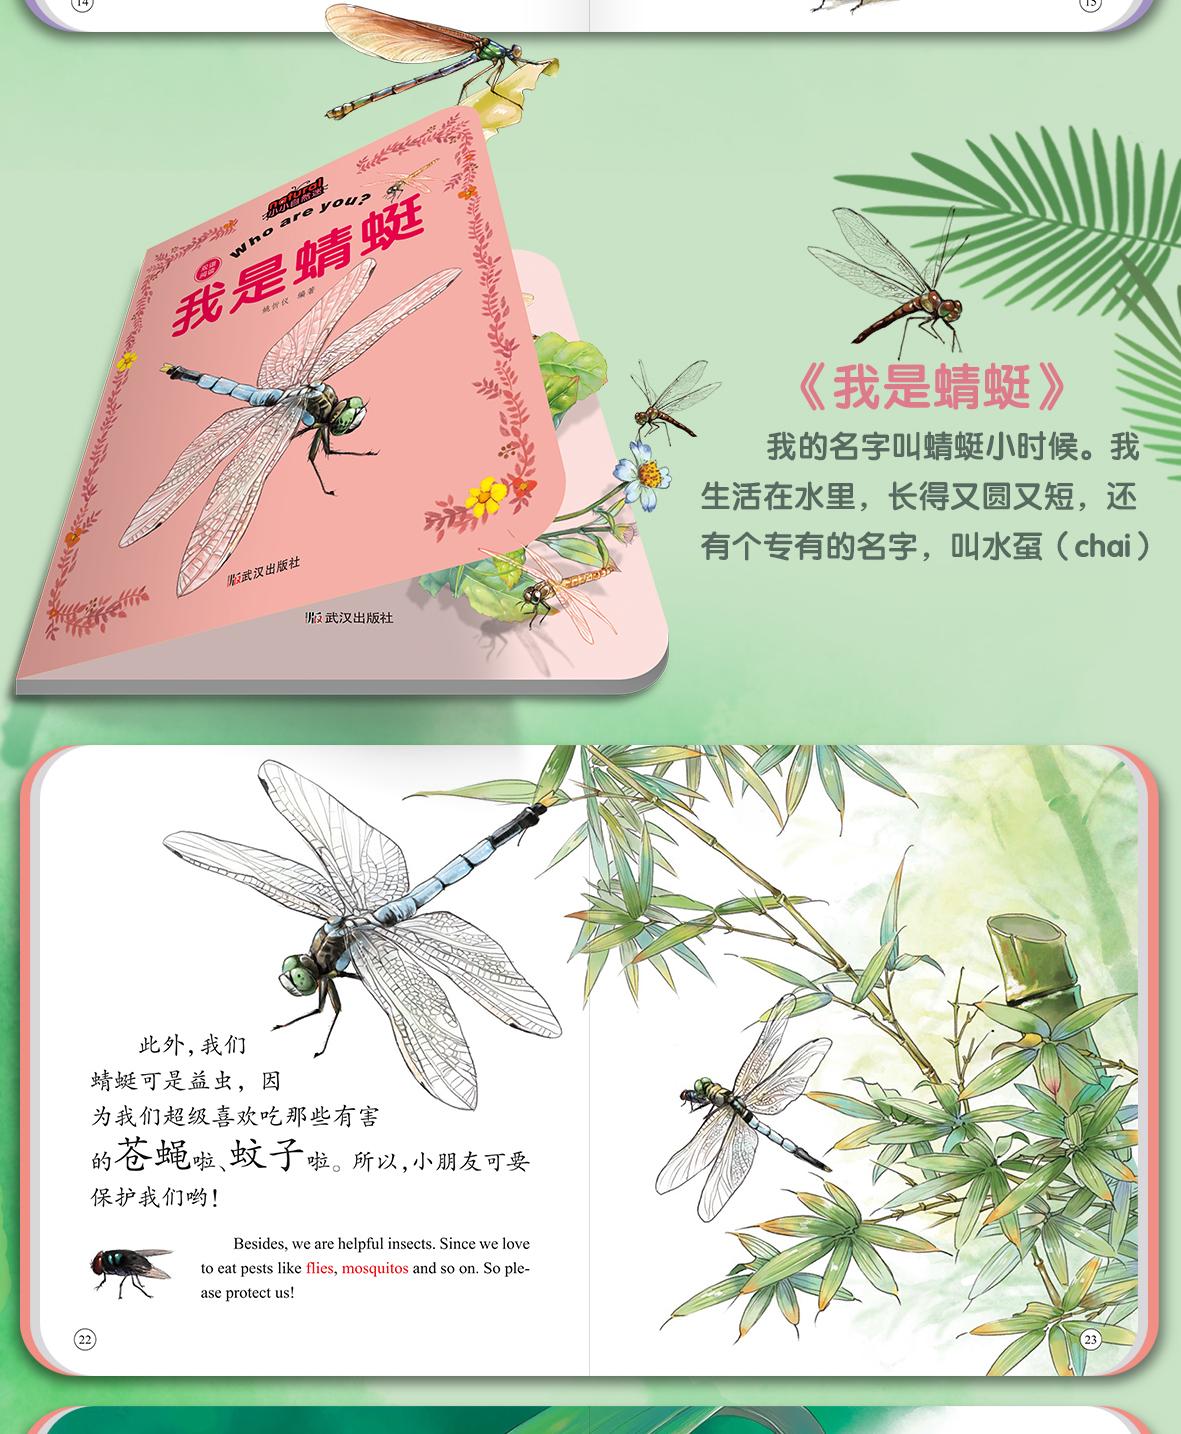 昆虫详情_14.jpg